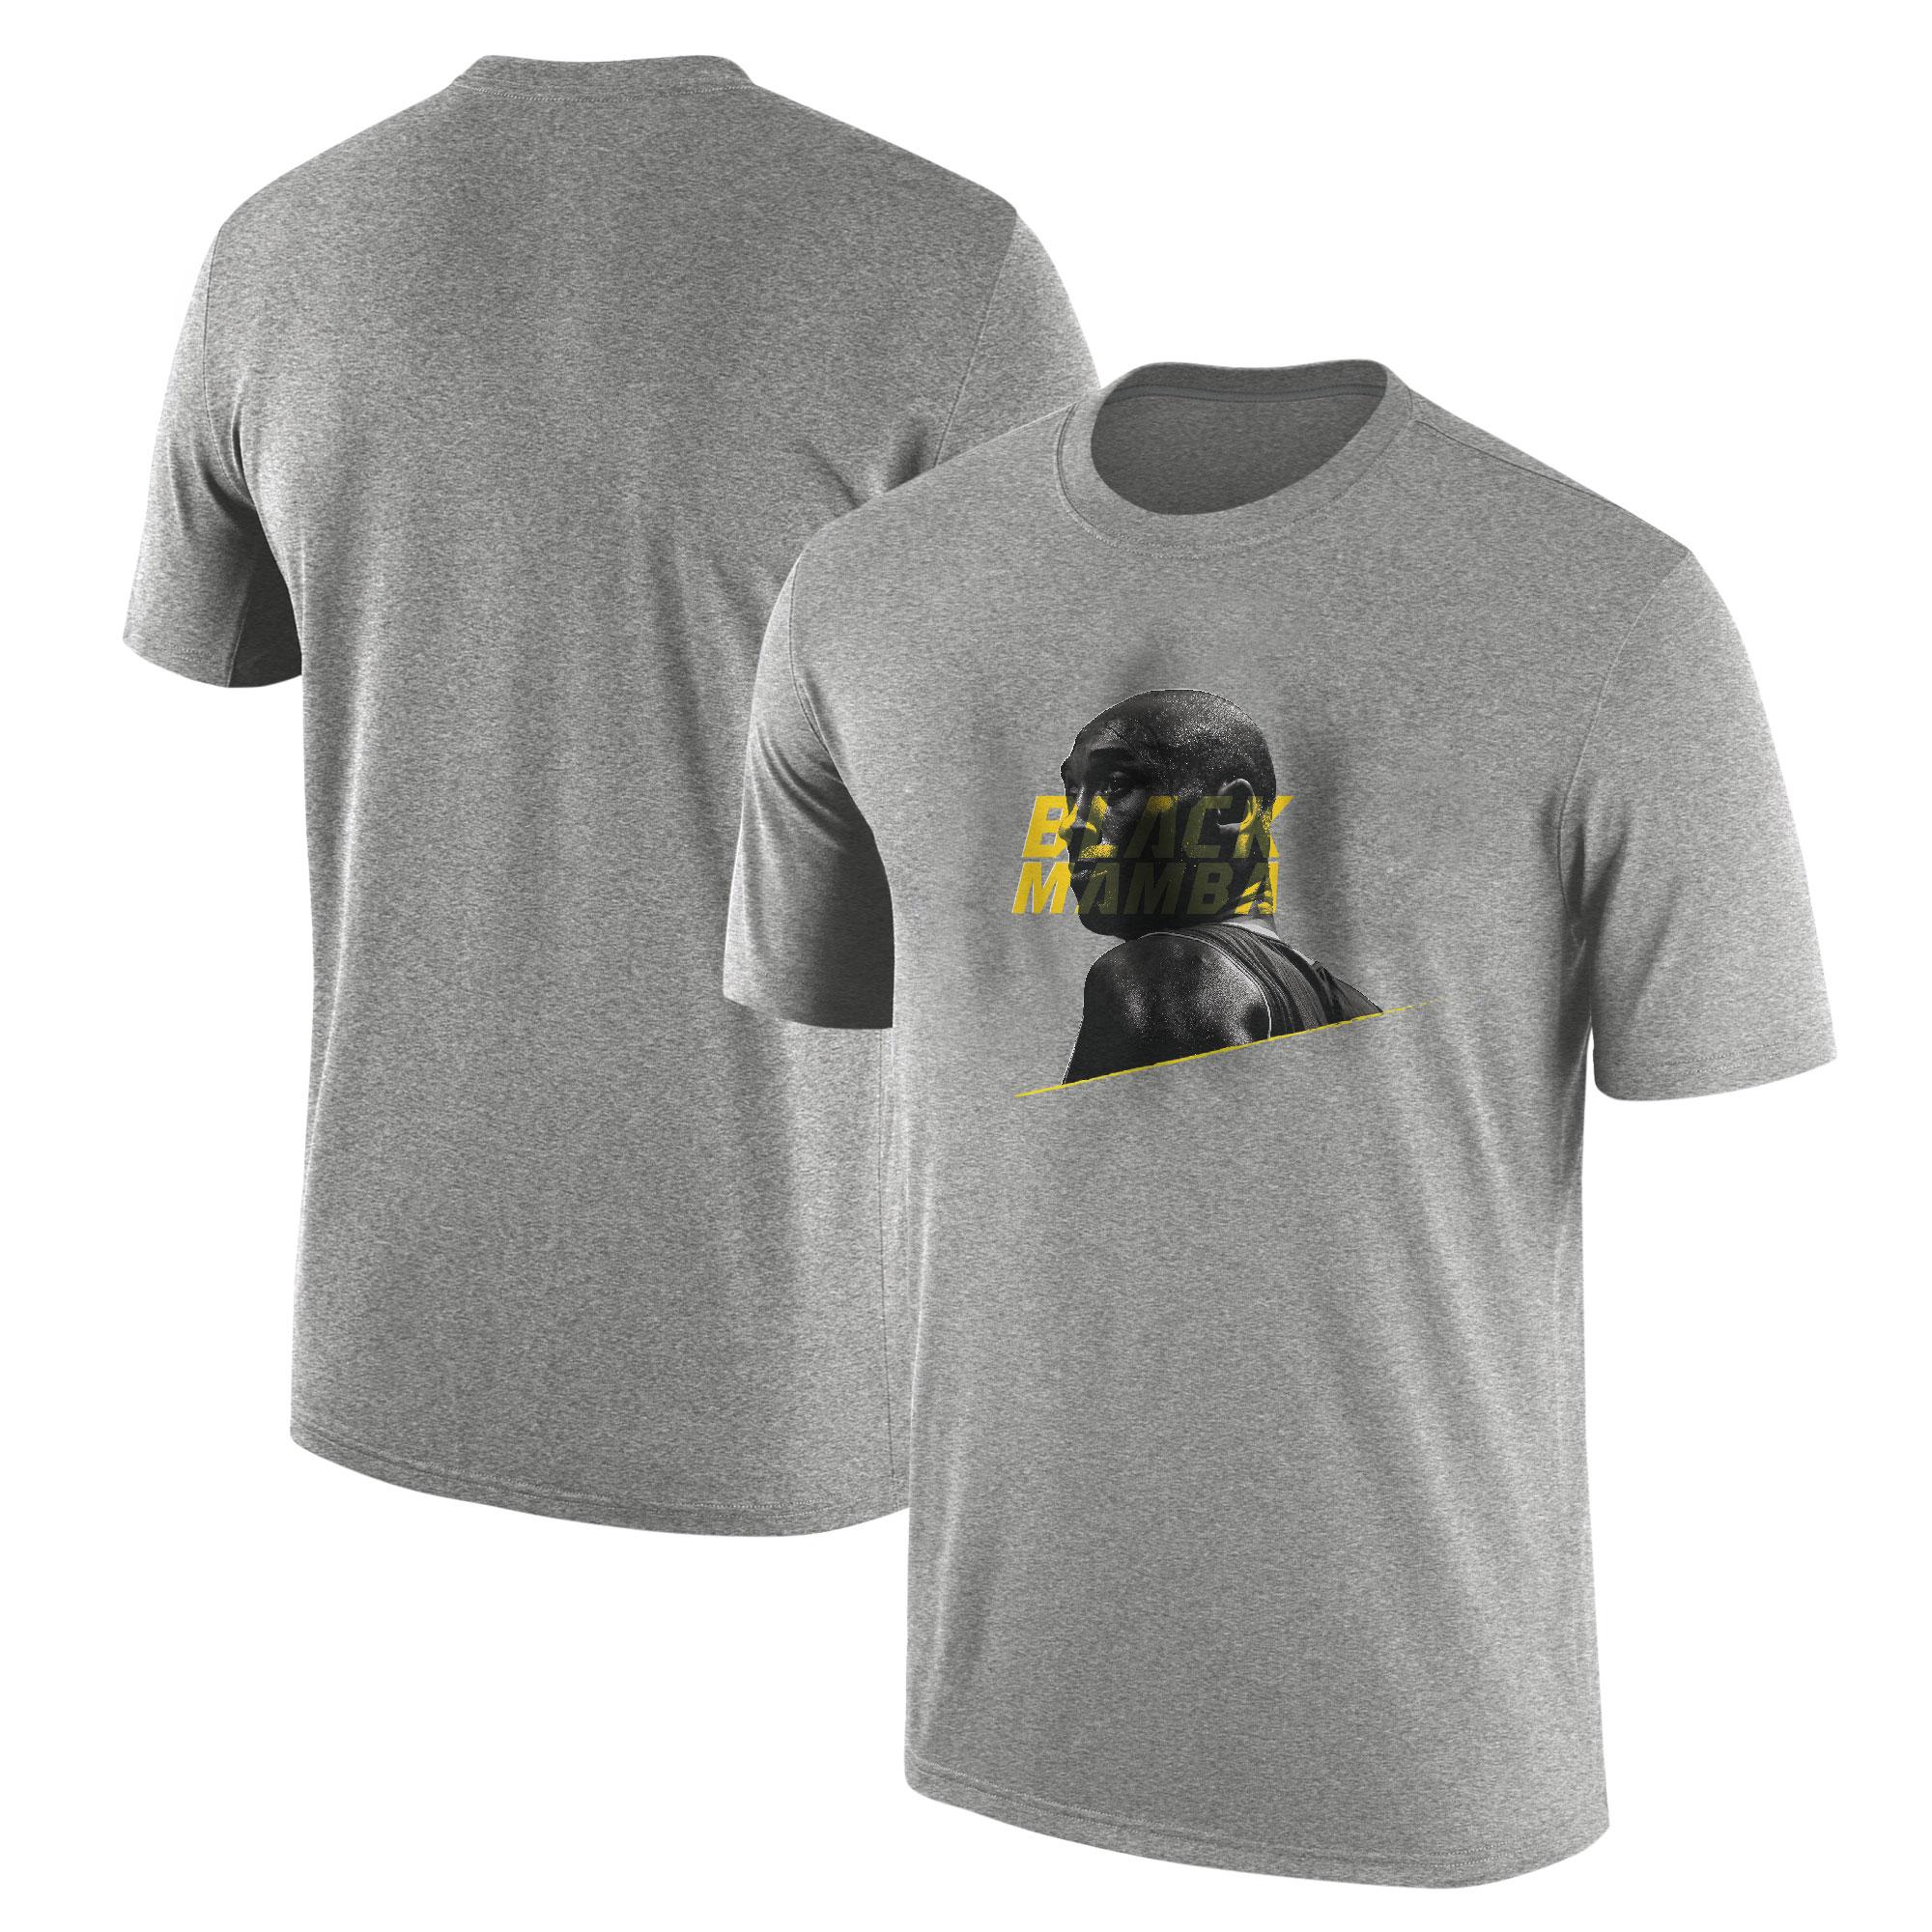 Kobe Bryant Tshirt (TSH-GRY-PLYR-477-BLACK.MAMBA)